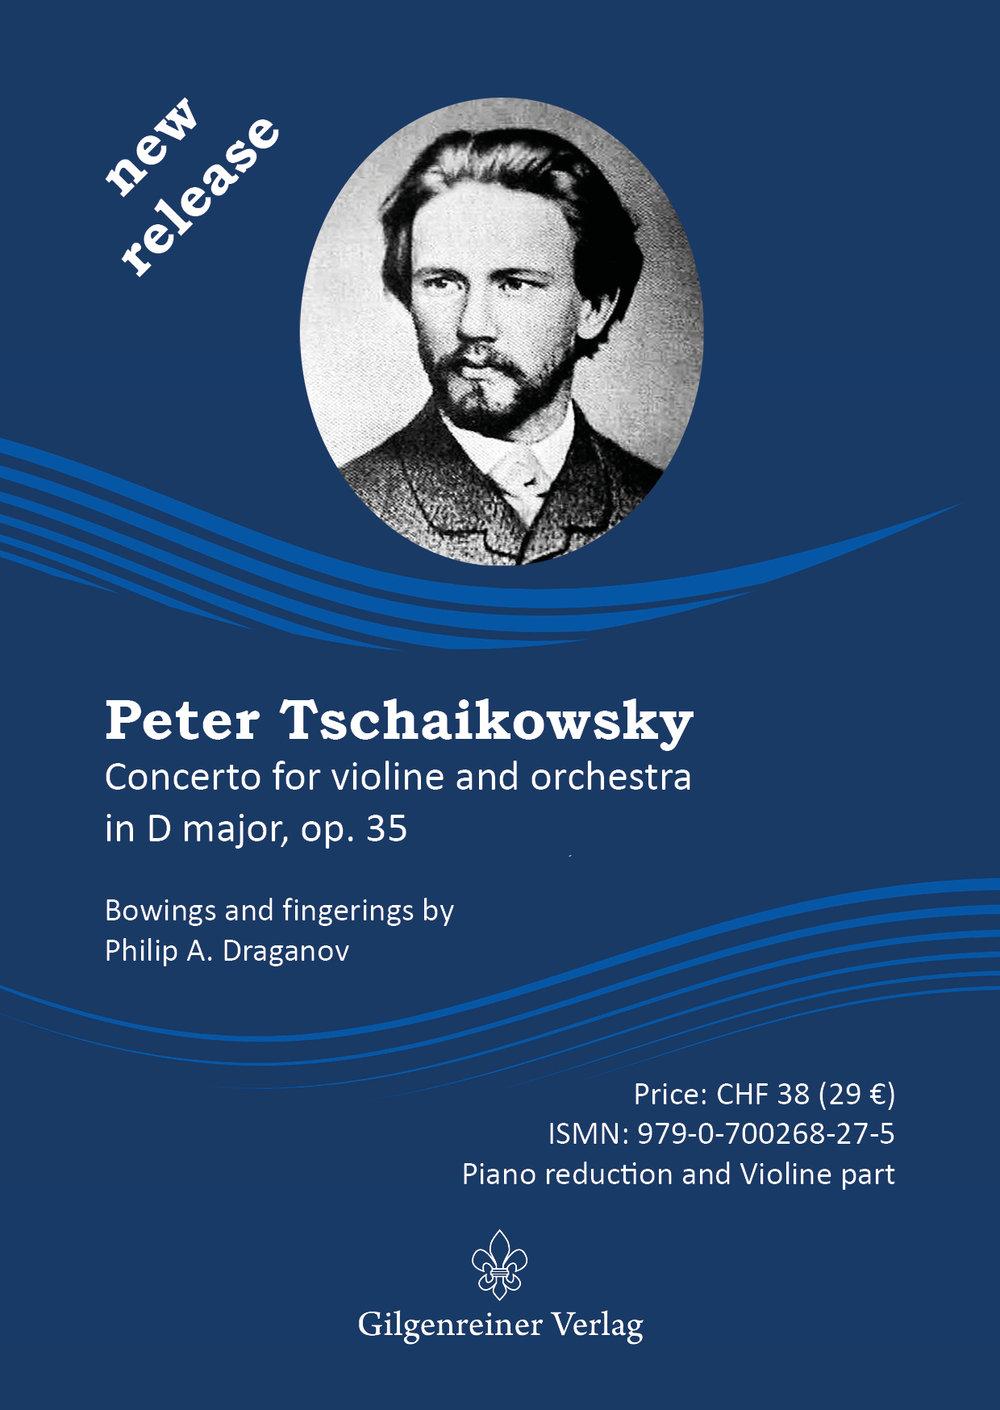 Violinkonzert Tchaikovsky Philip Draganov